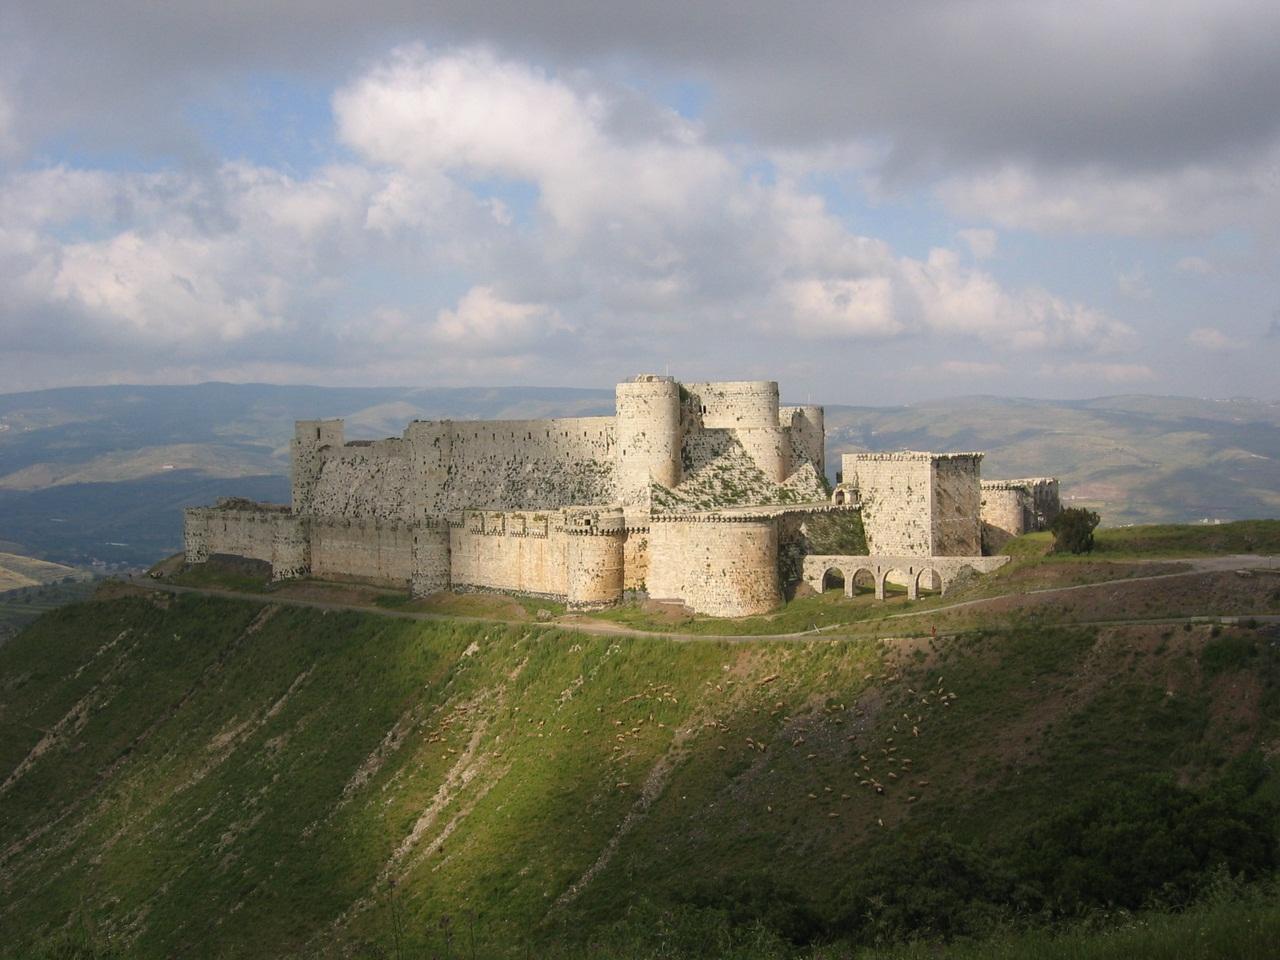 Крепость в Сирии: Крак де Шевалье (Krak des Chevaliers)